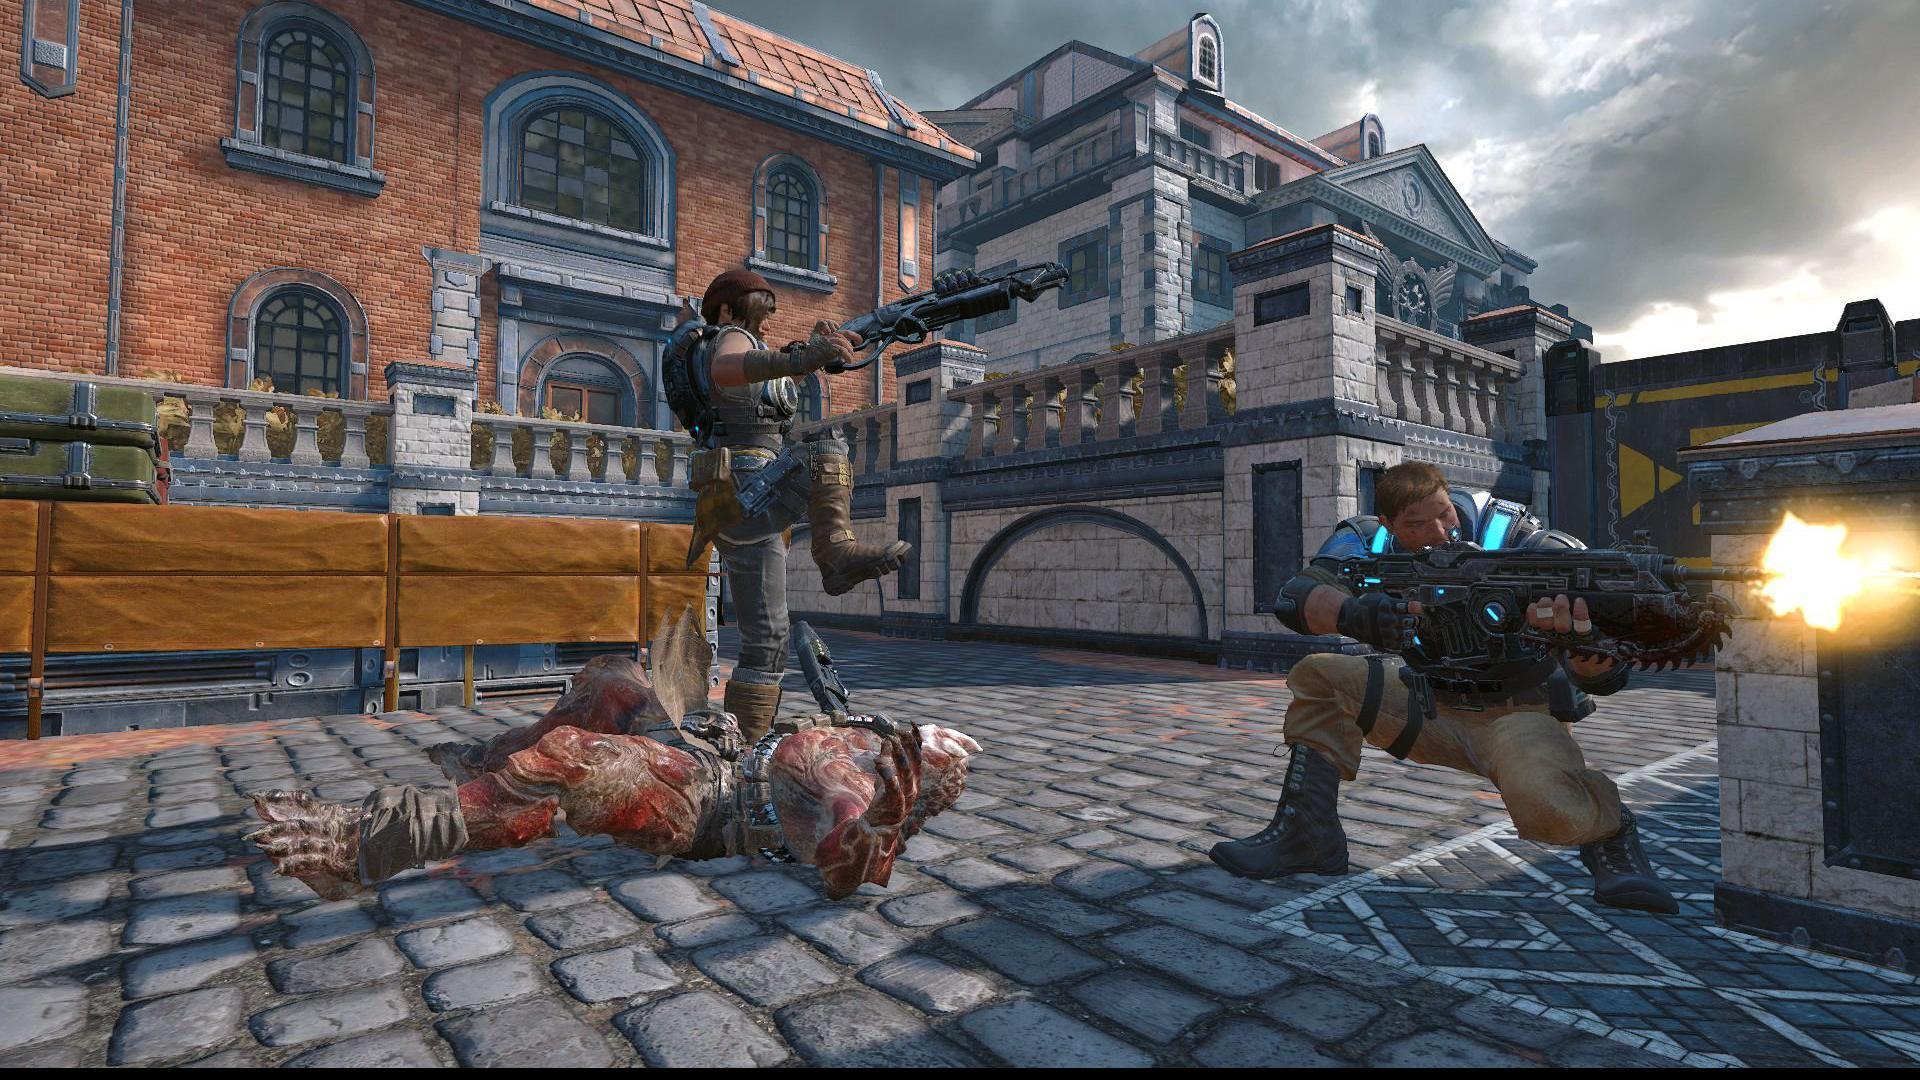 gears_of_war_4_screenshot_15f1ca27.jpeg - Gears of War 4